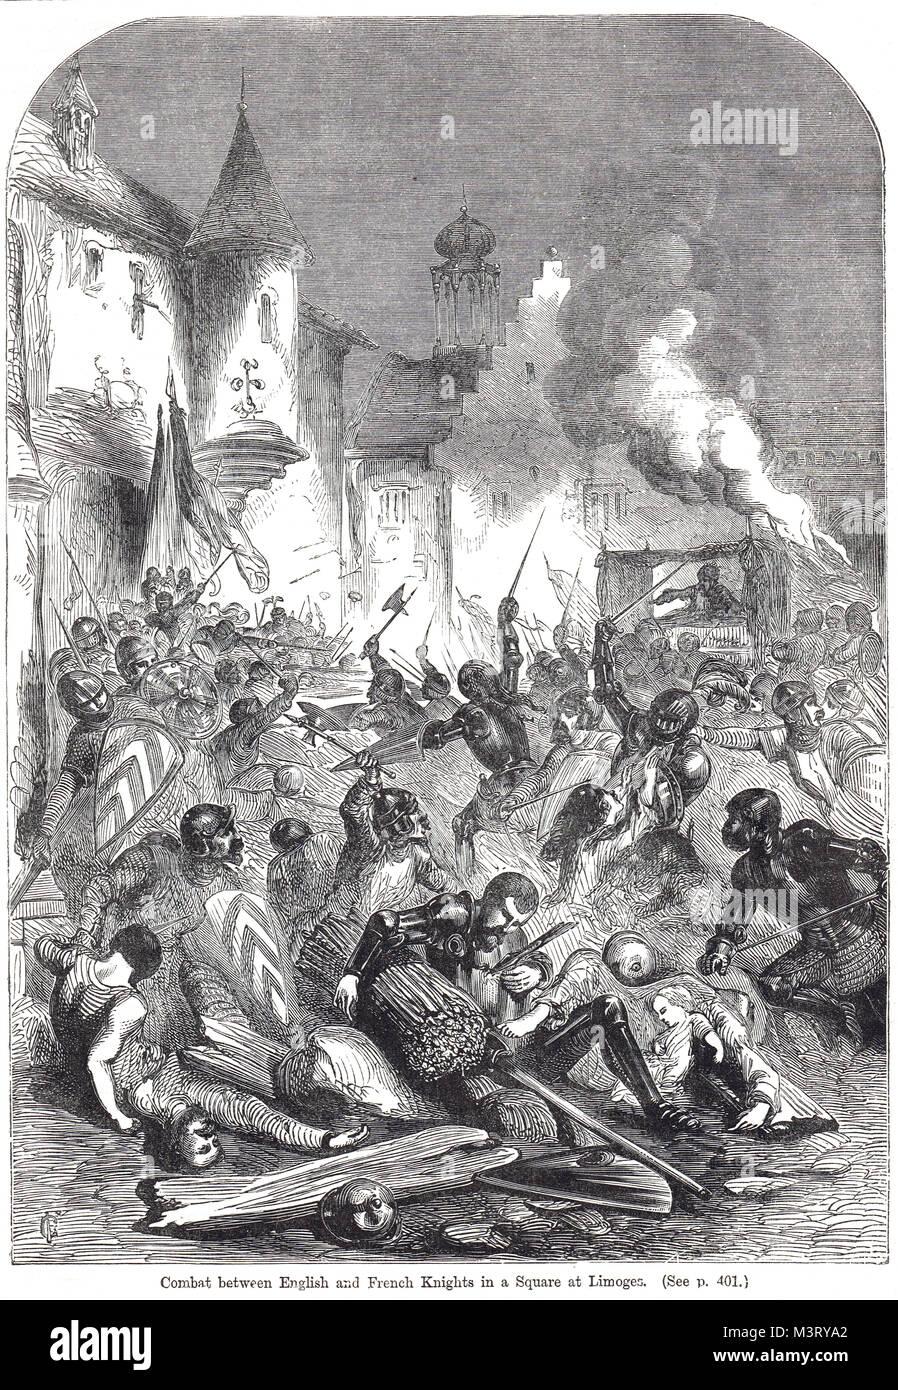 L'Assedio di Limoges, 19 Settembre 1370 Immagini Stock